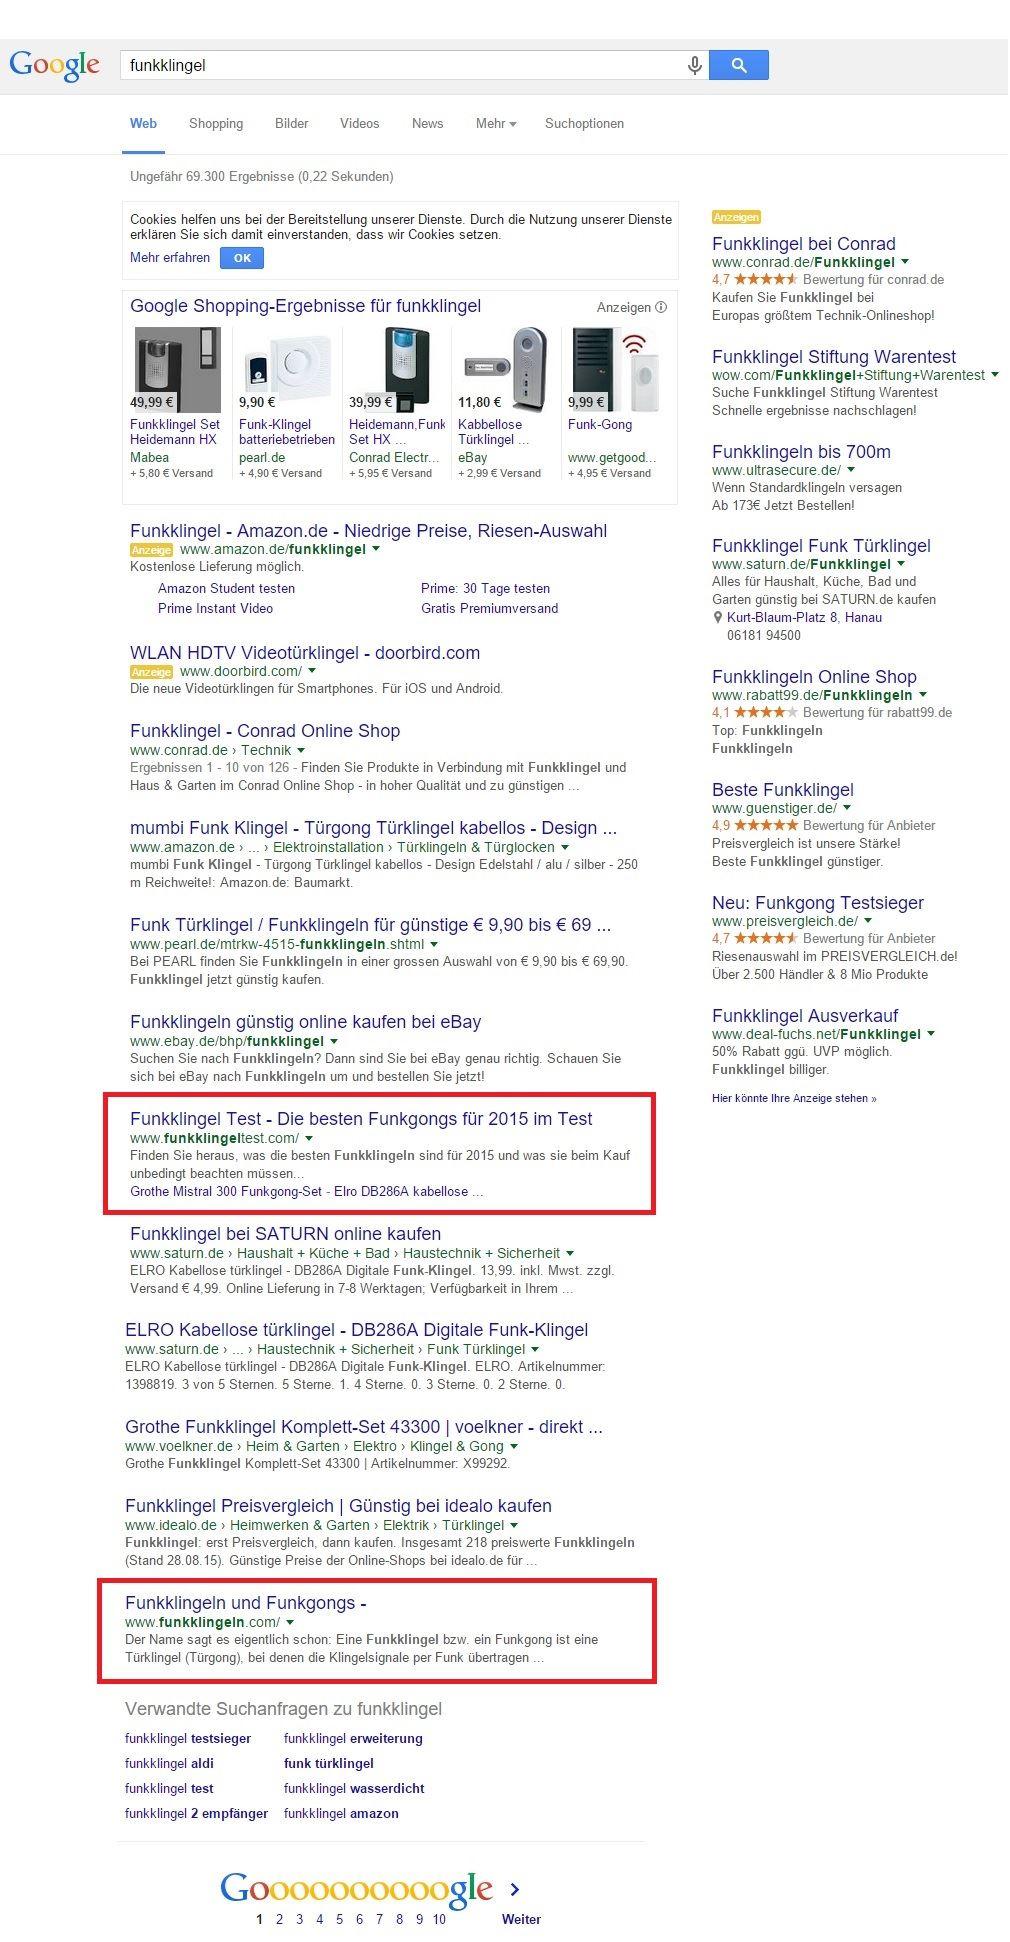 Google Suchergebnisse analysieren